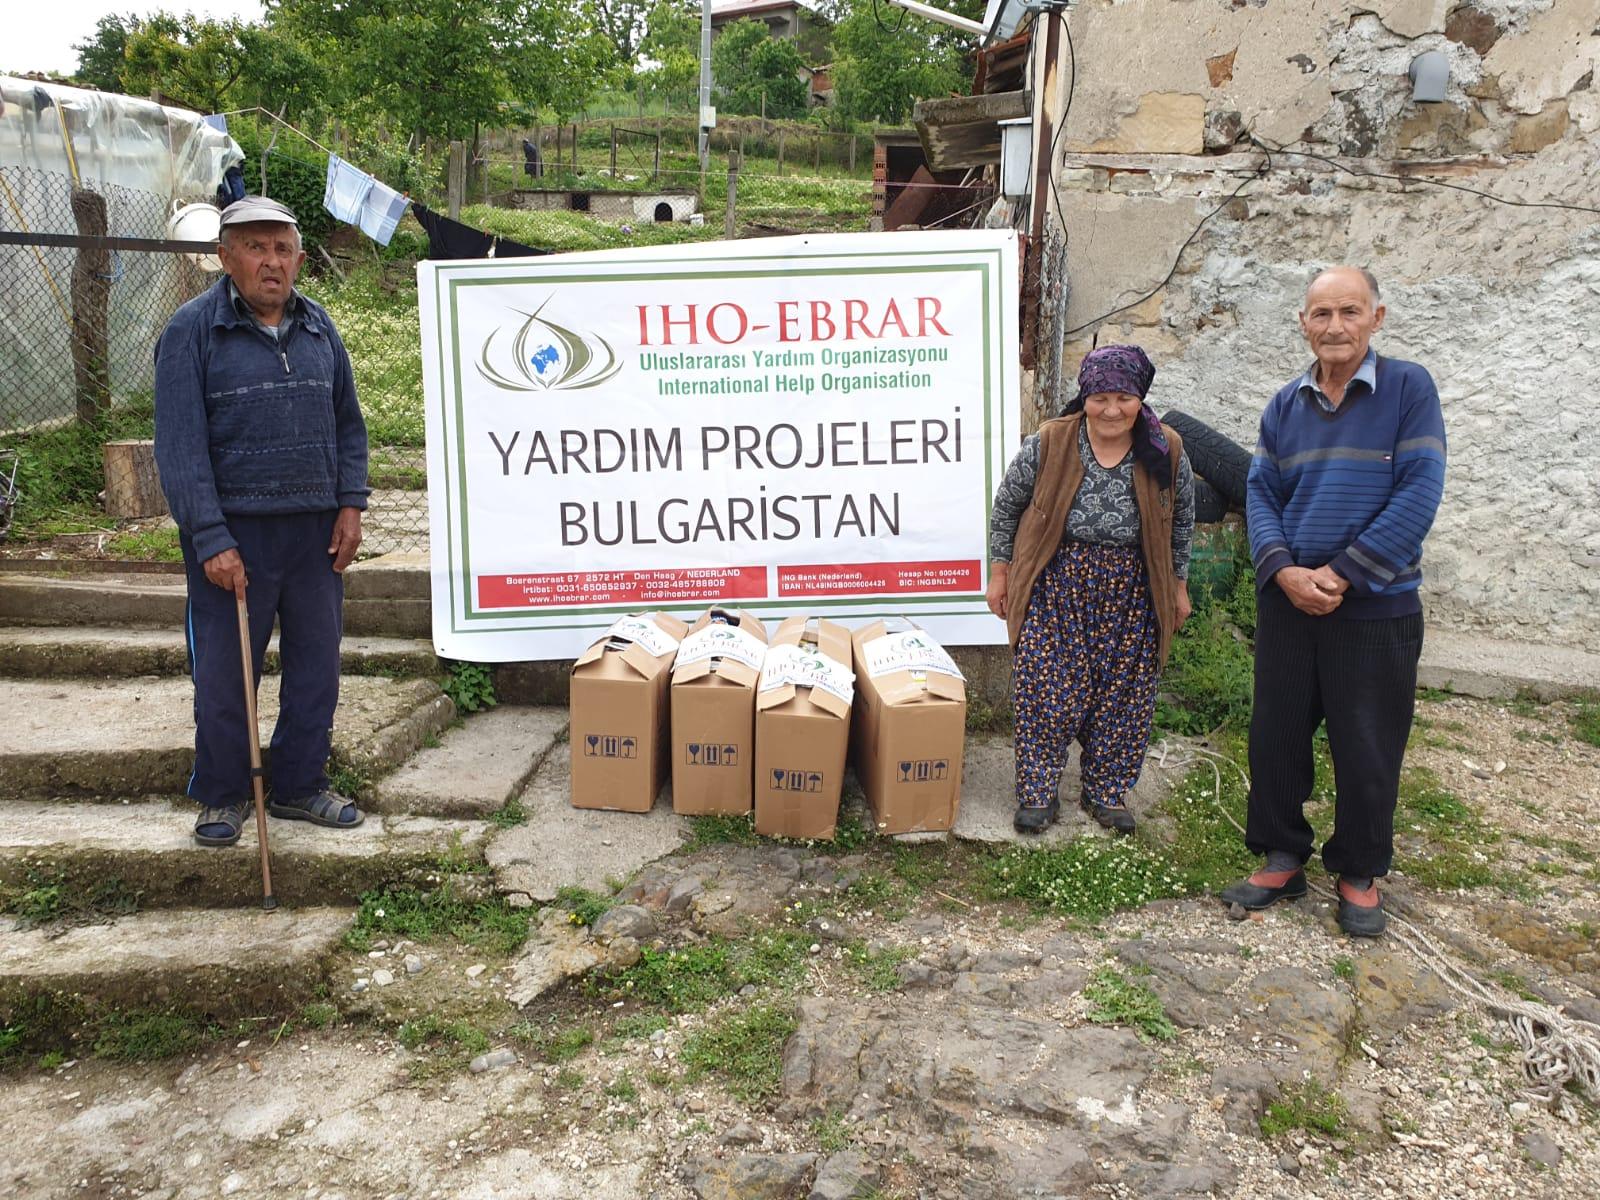 Ramazan'da Bulgaristanlı fakir köylüleri sevindirdik.